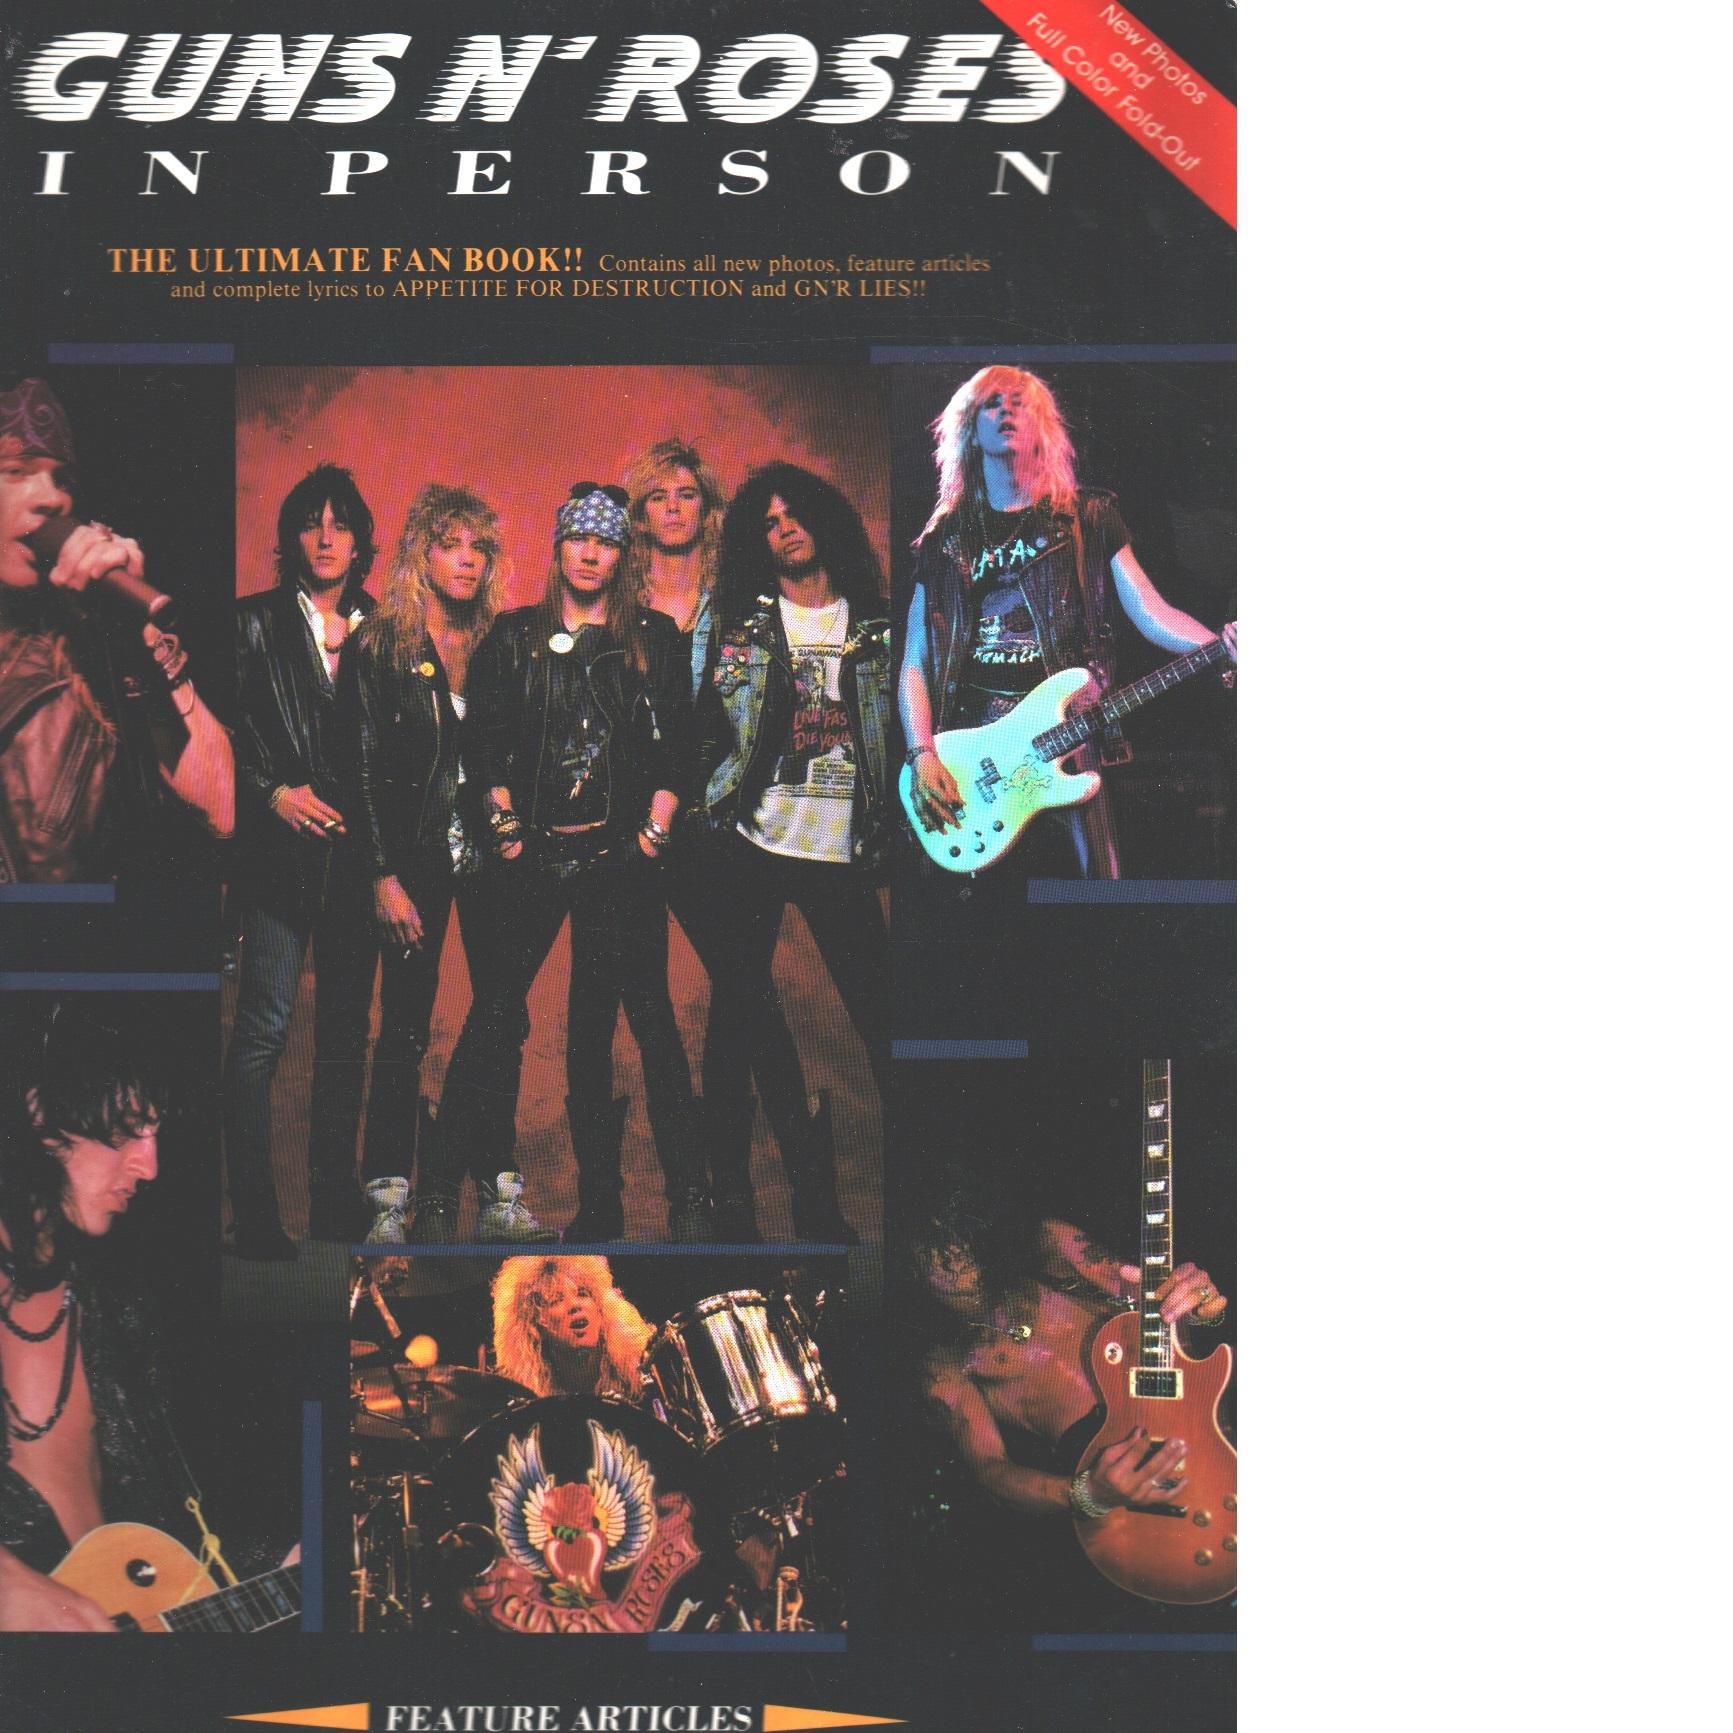 Guns N'roses In Person - Biography - Guns N' Roses